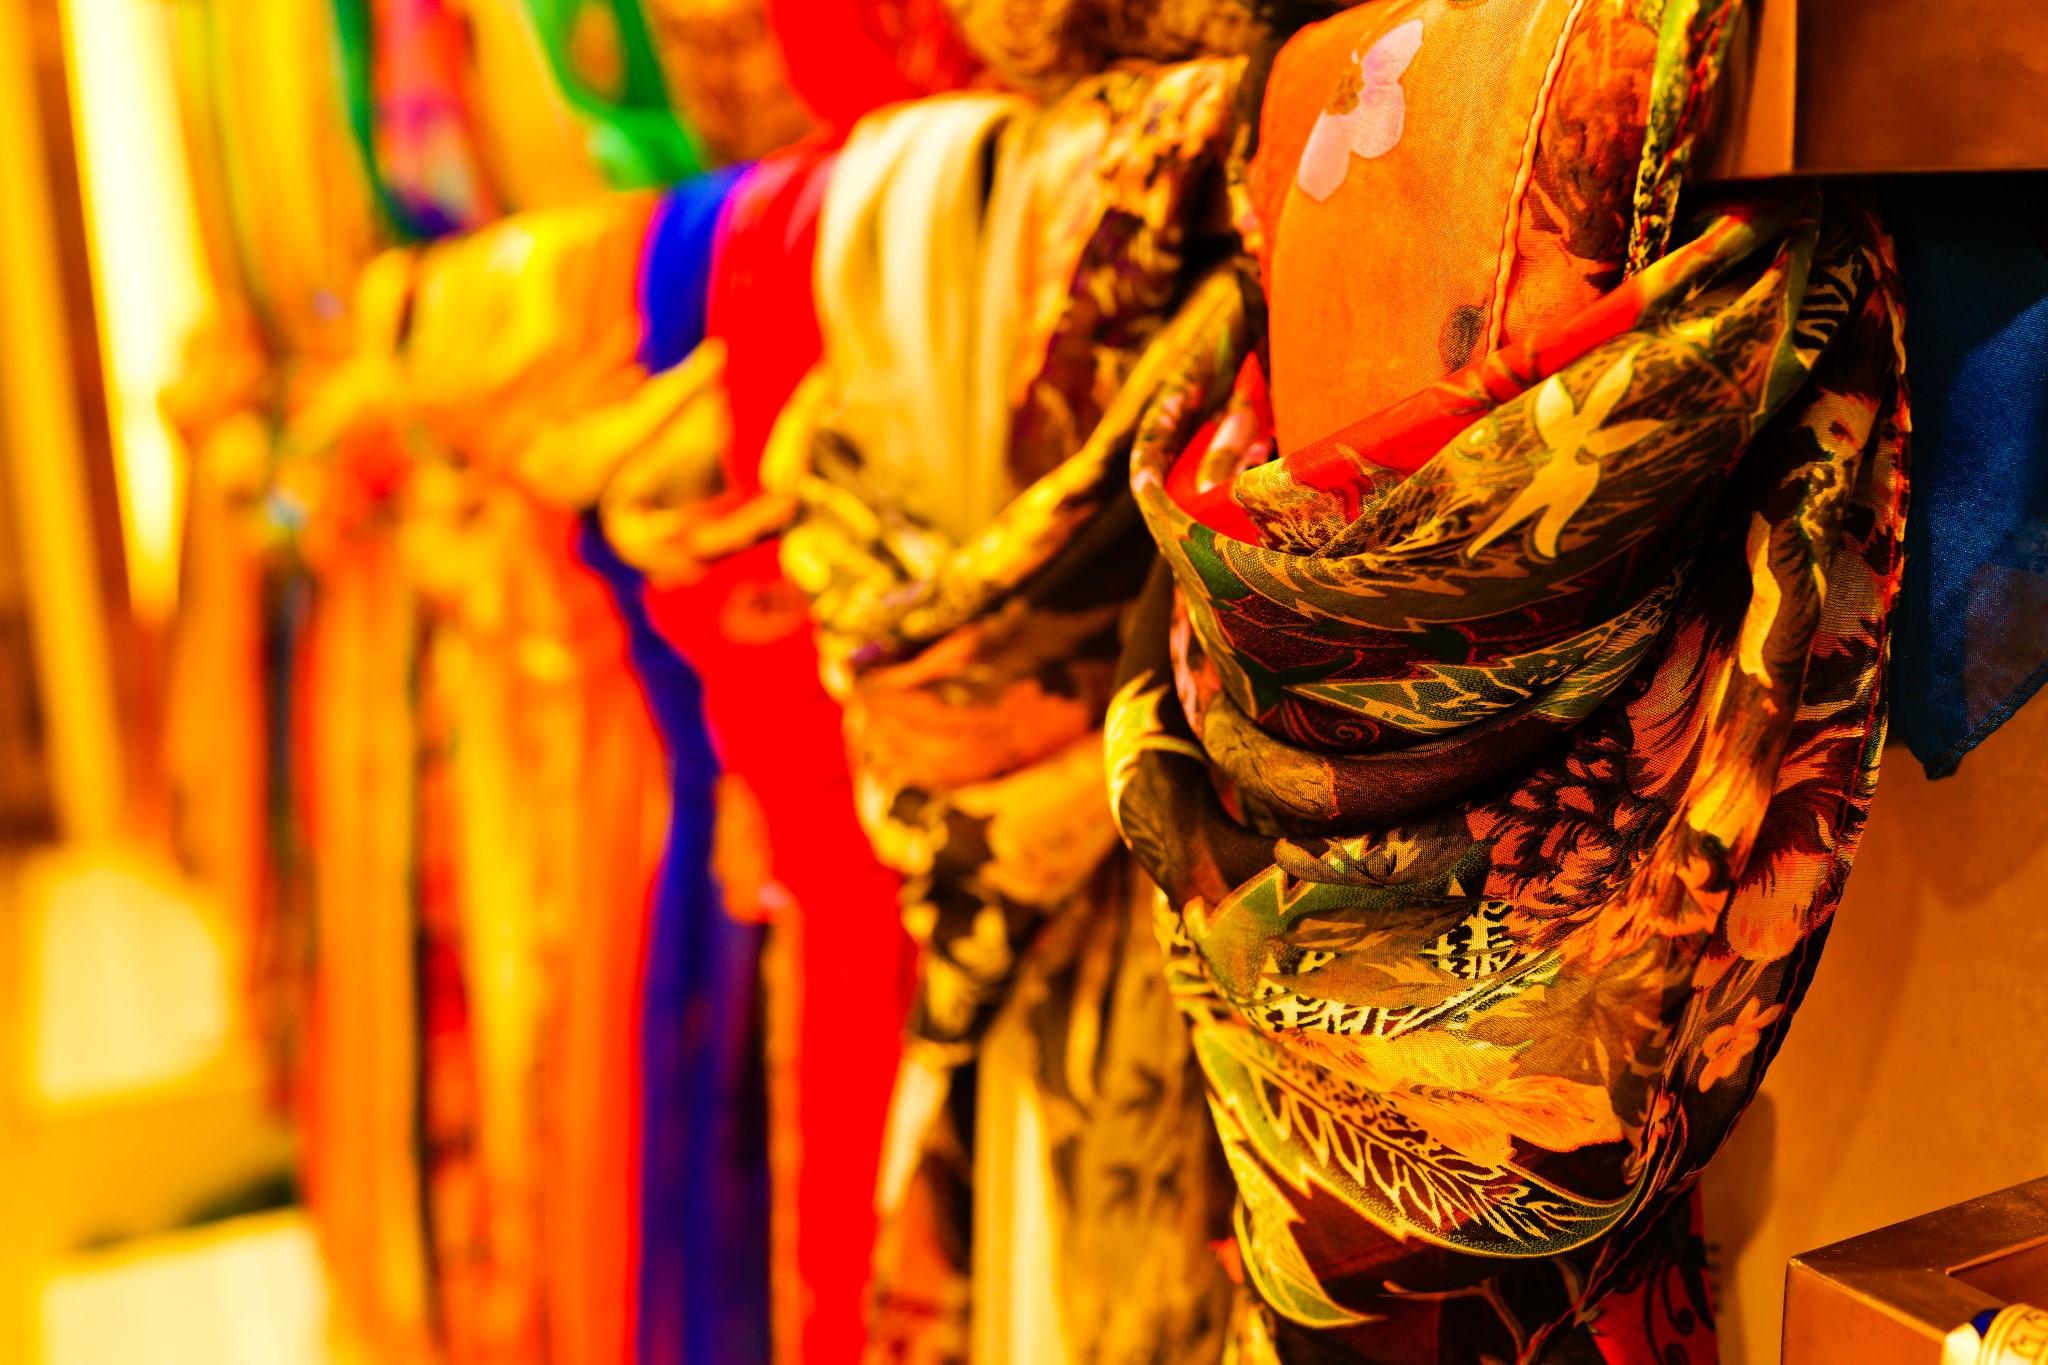 杭州丝绸为什么有名,为什么杭州丝绸会这么有名,杭州丝绸为什么会如此出名